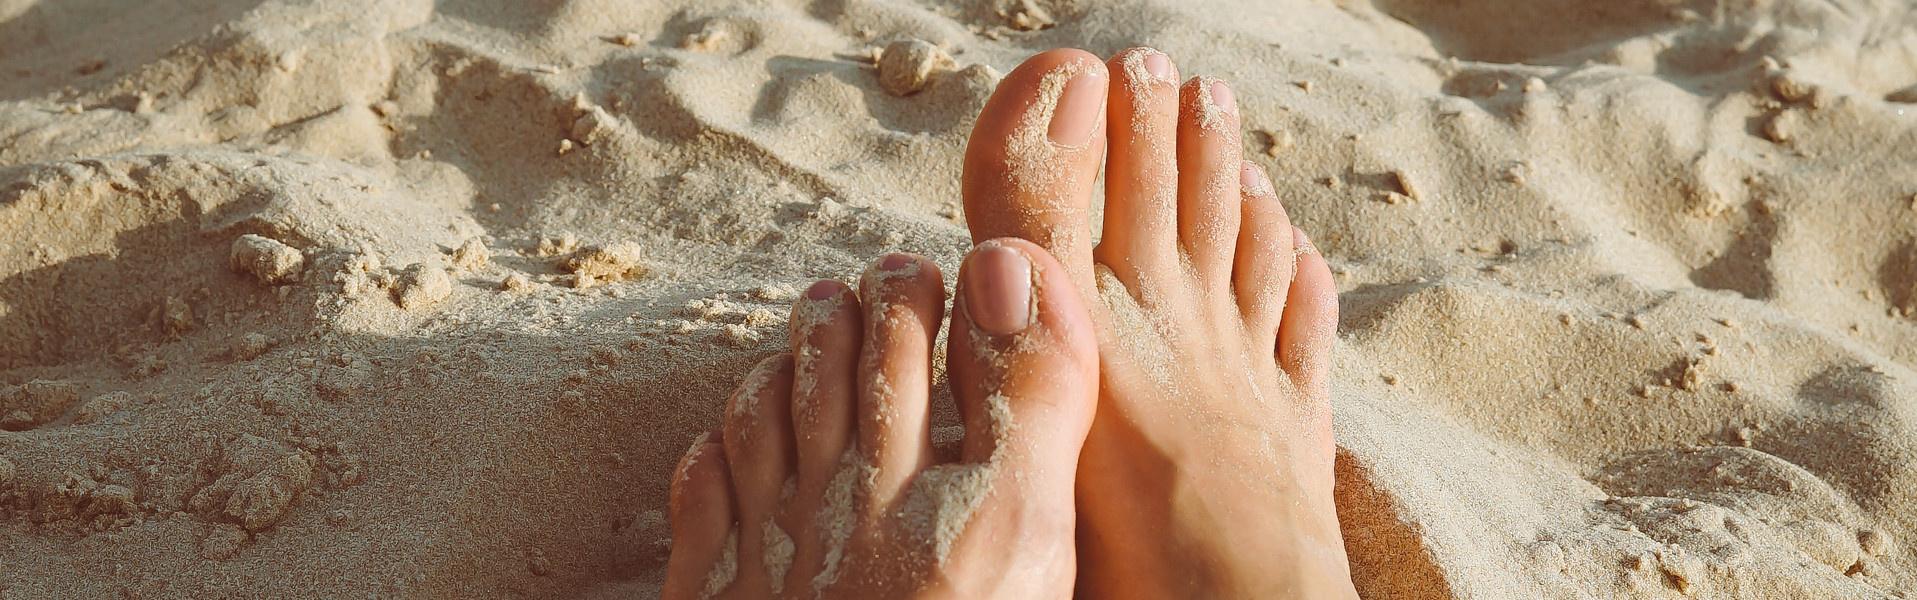 Posa els teus peus a punt per l'estiu